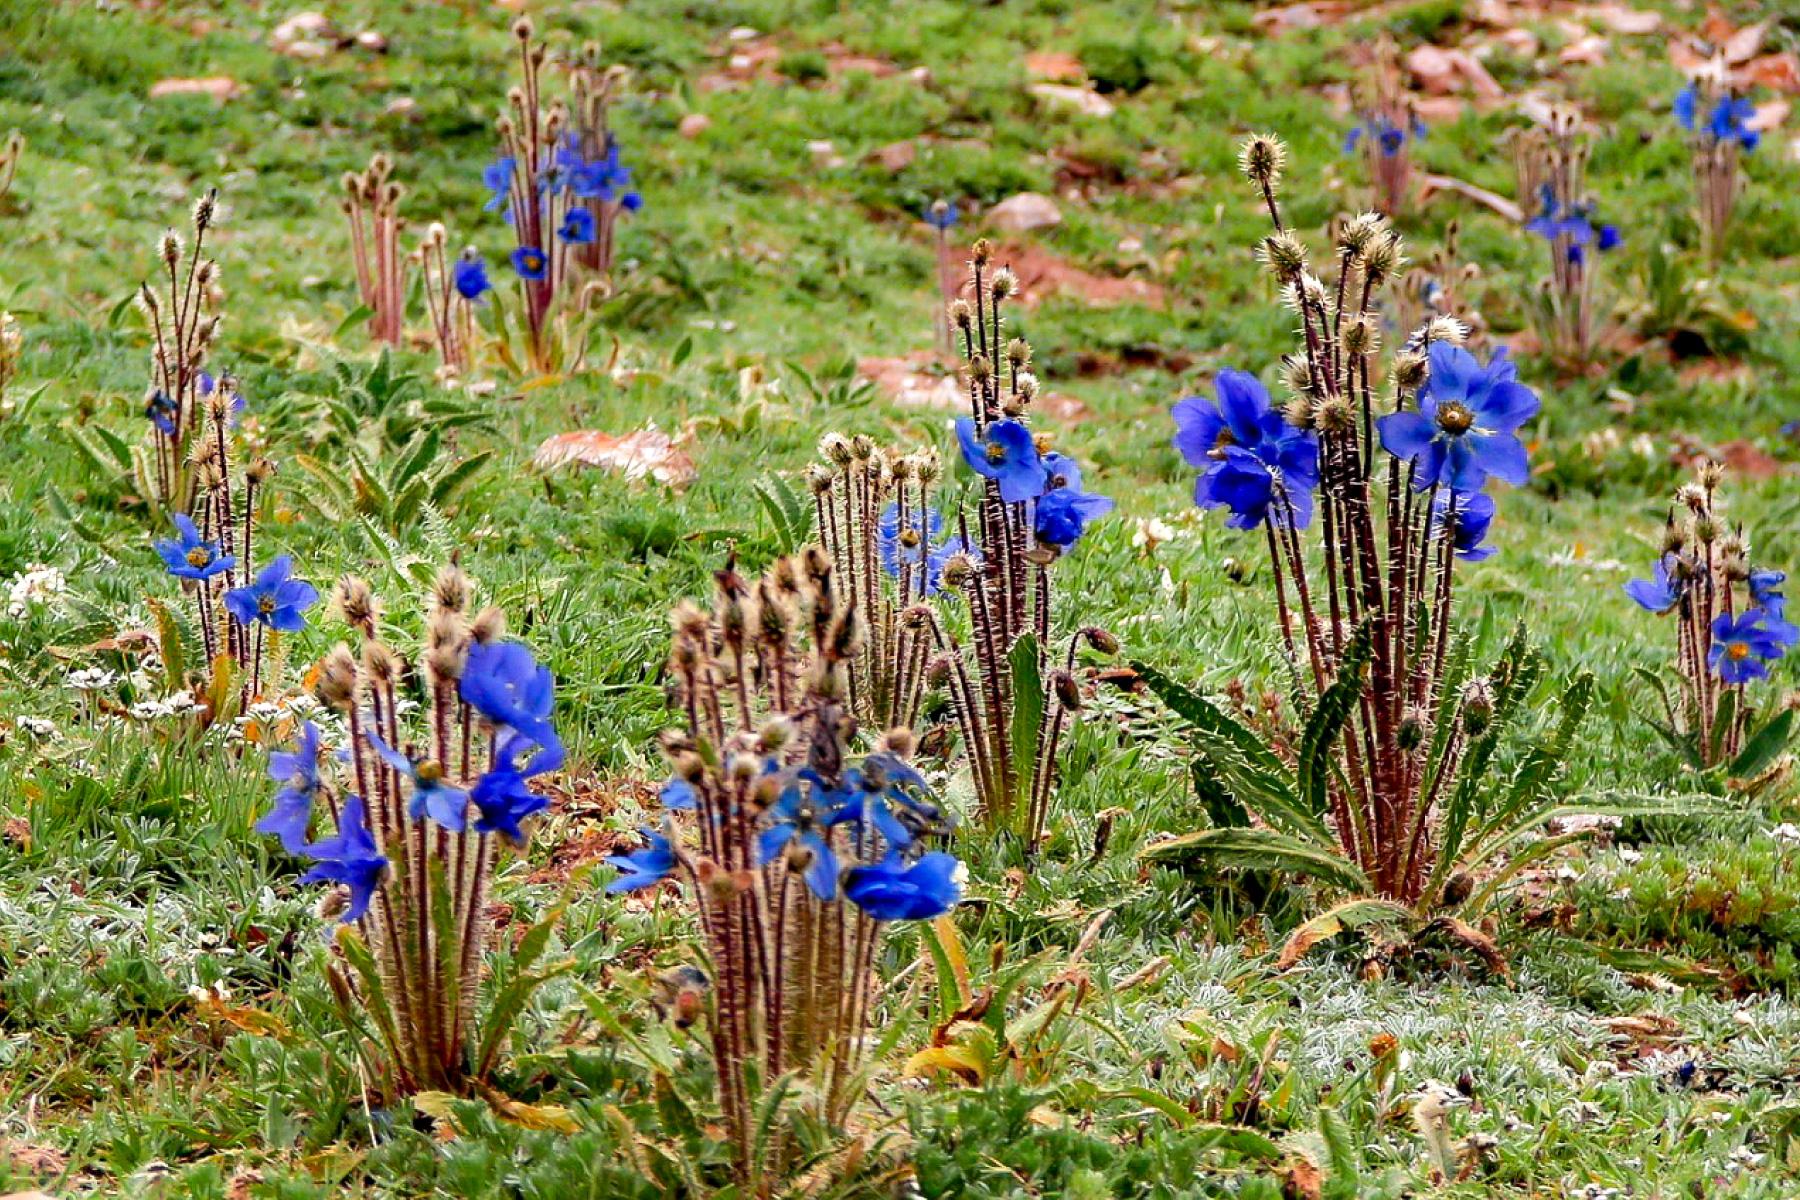 【今日の花】 青いケシ(メコノプシス・ホリドゥラ)